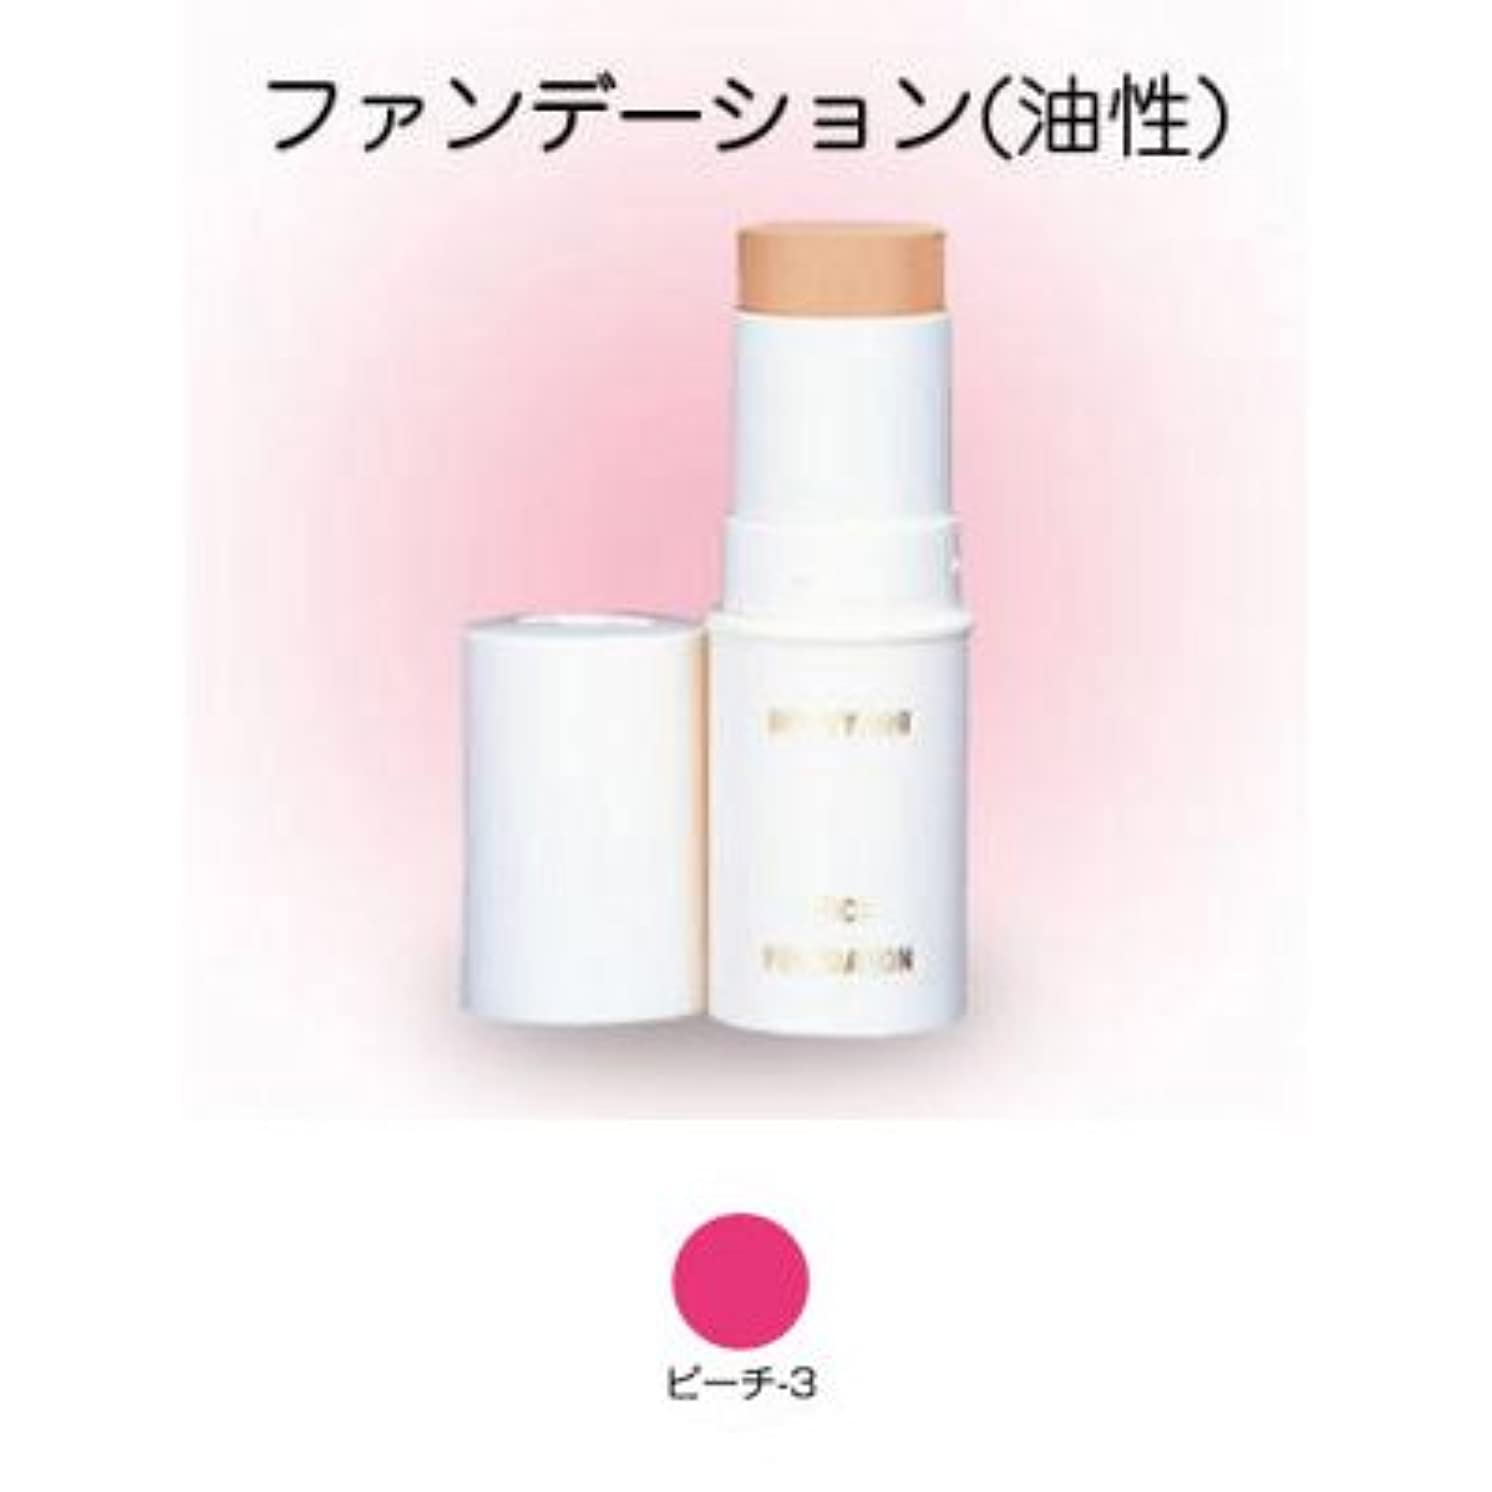 半島タクト正当化するスティックファンデーション 16g ピーチ-3 【三善】